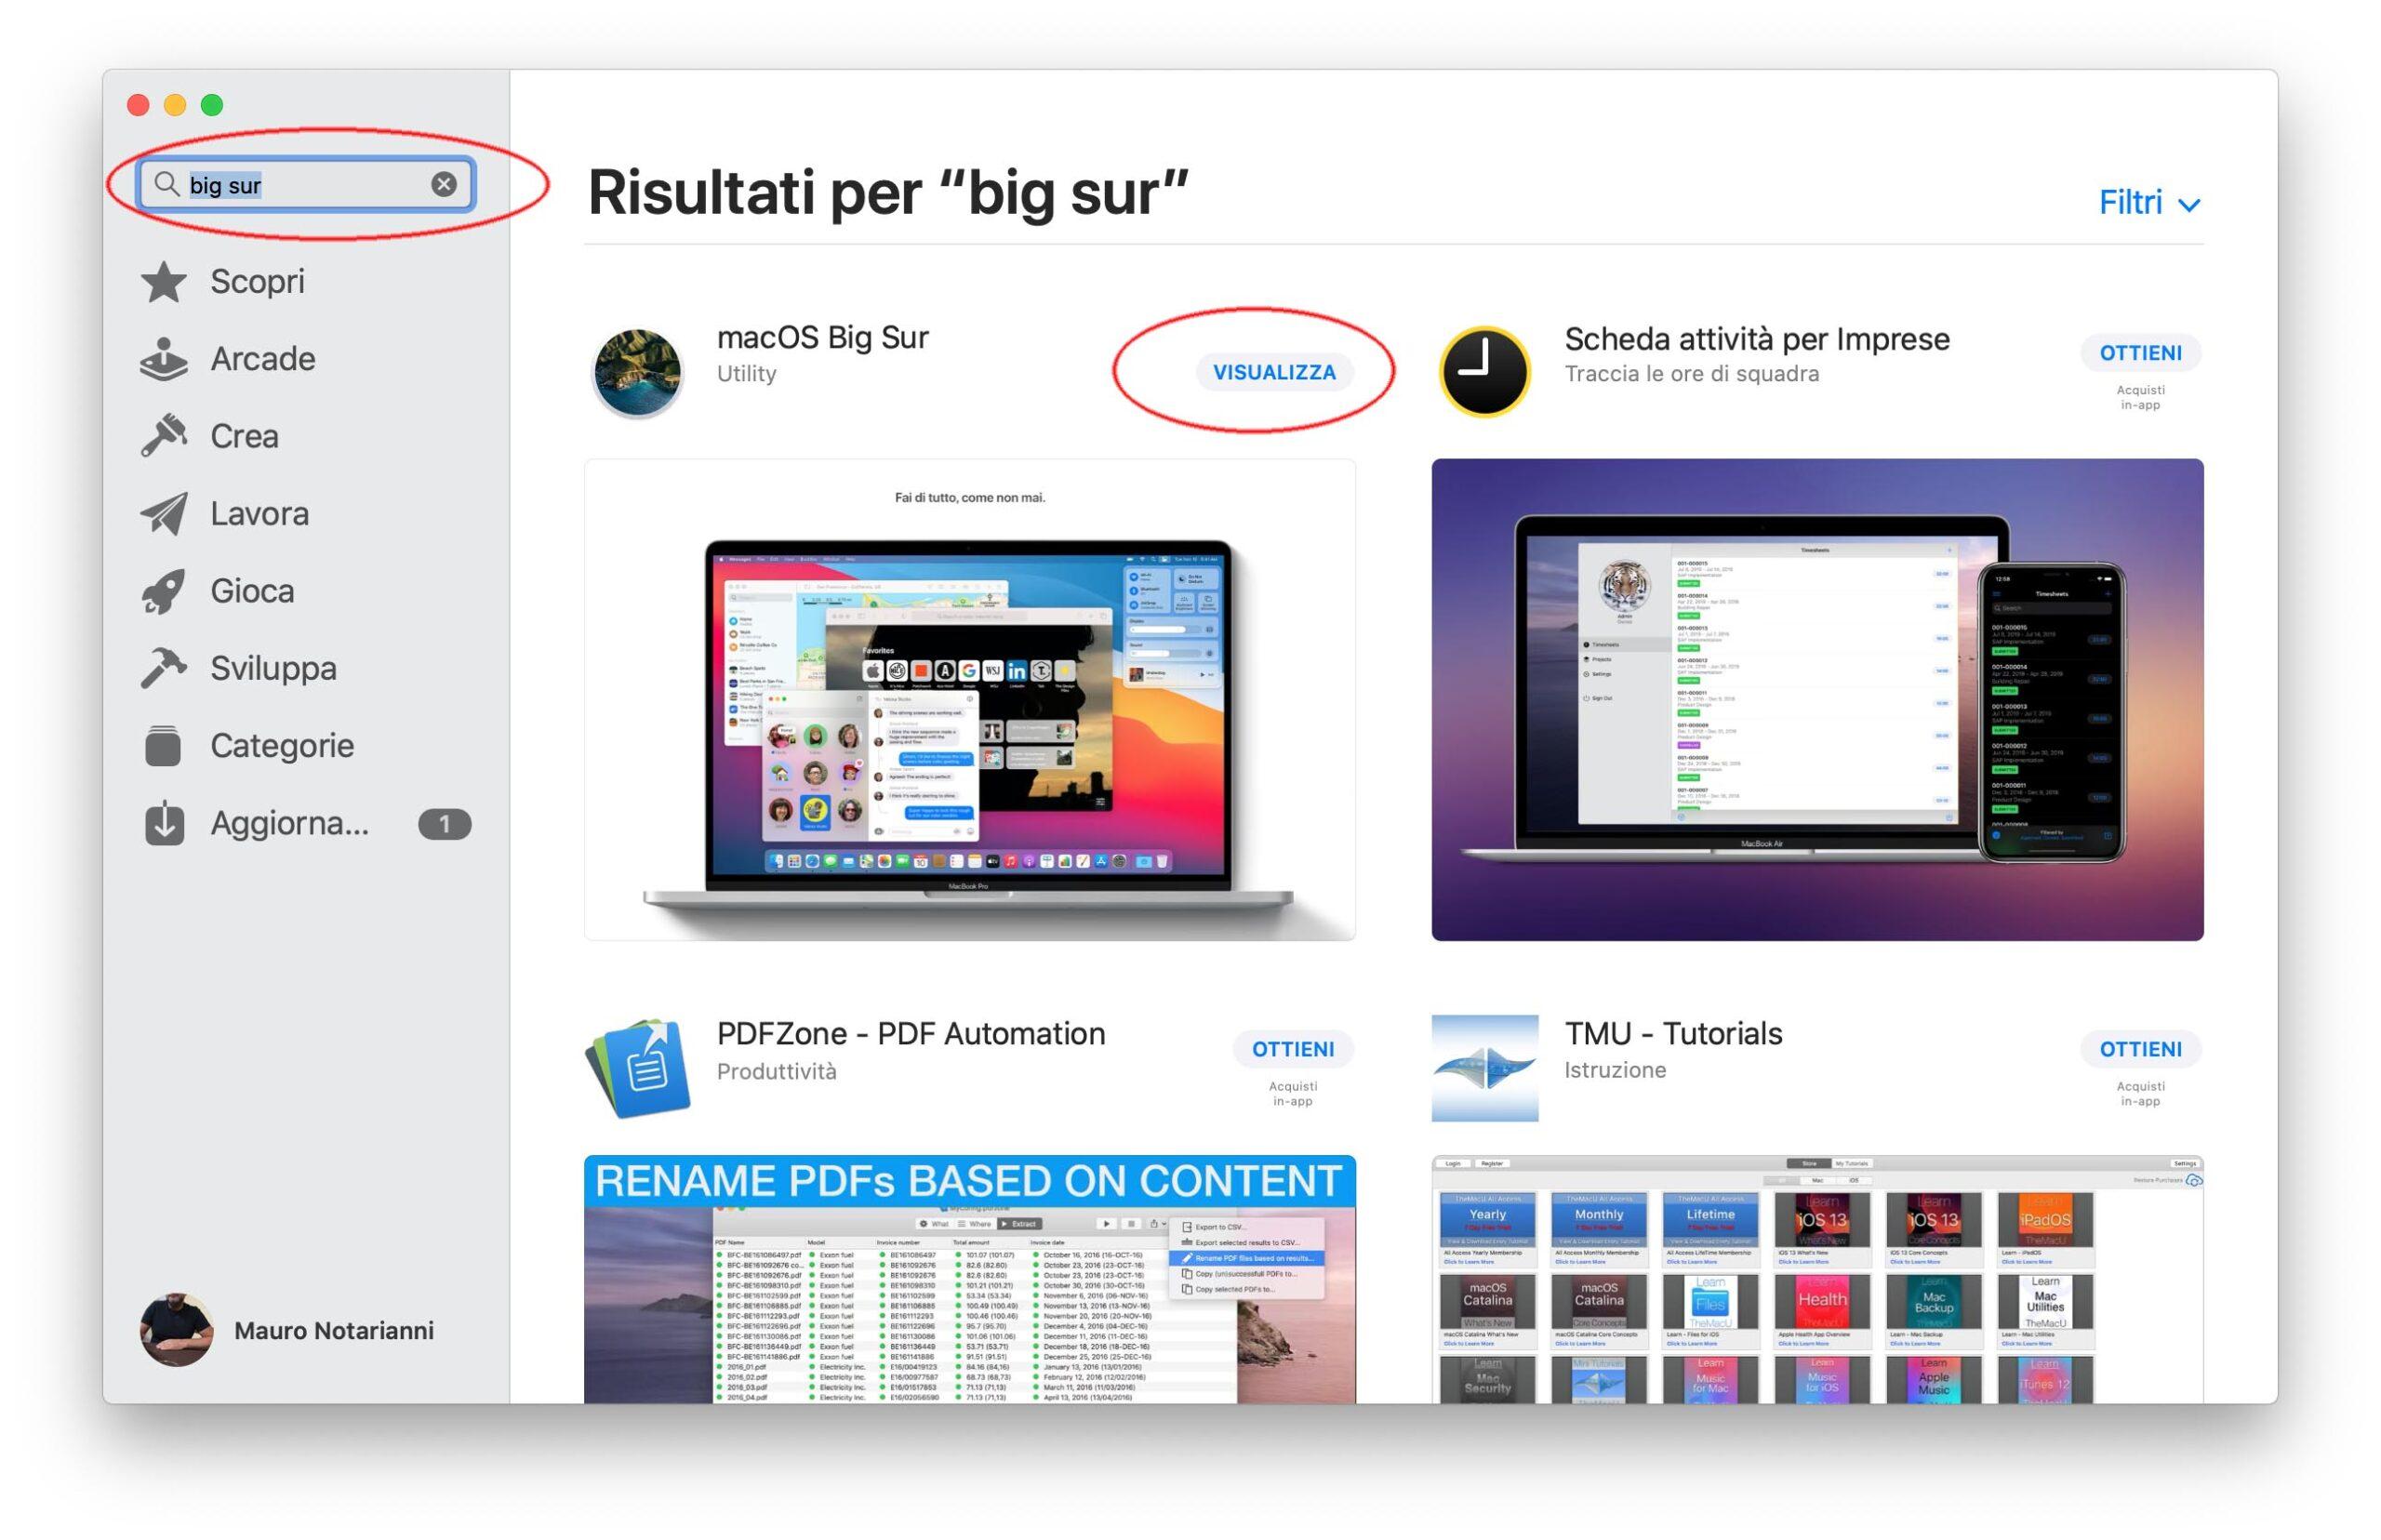 Come scaricare l'aggiornamento a macOS Big Sur in caso di problemi